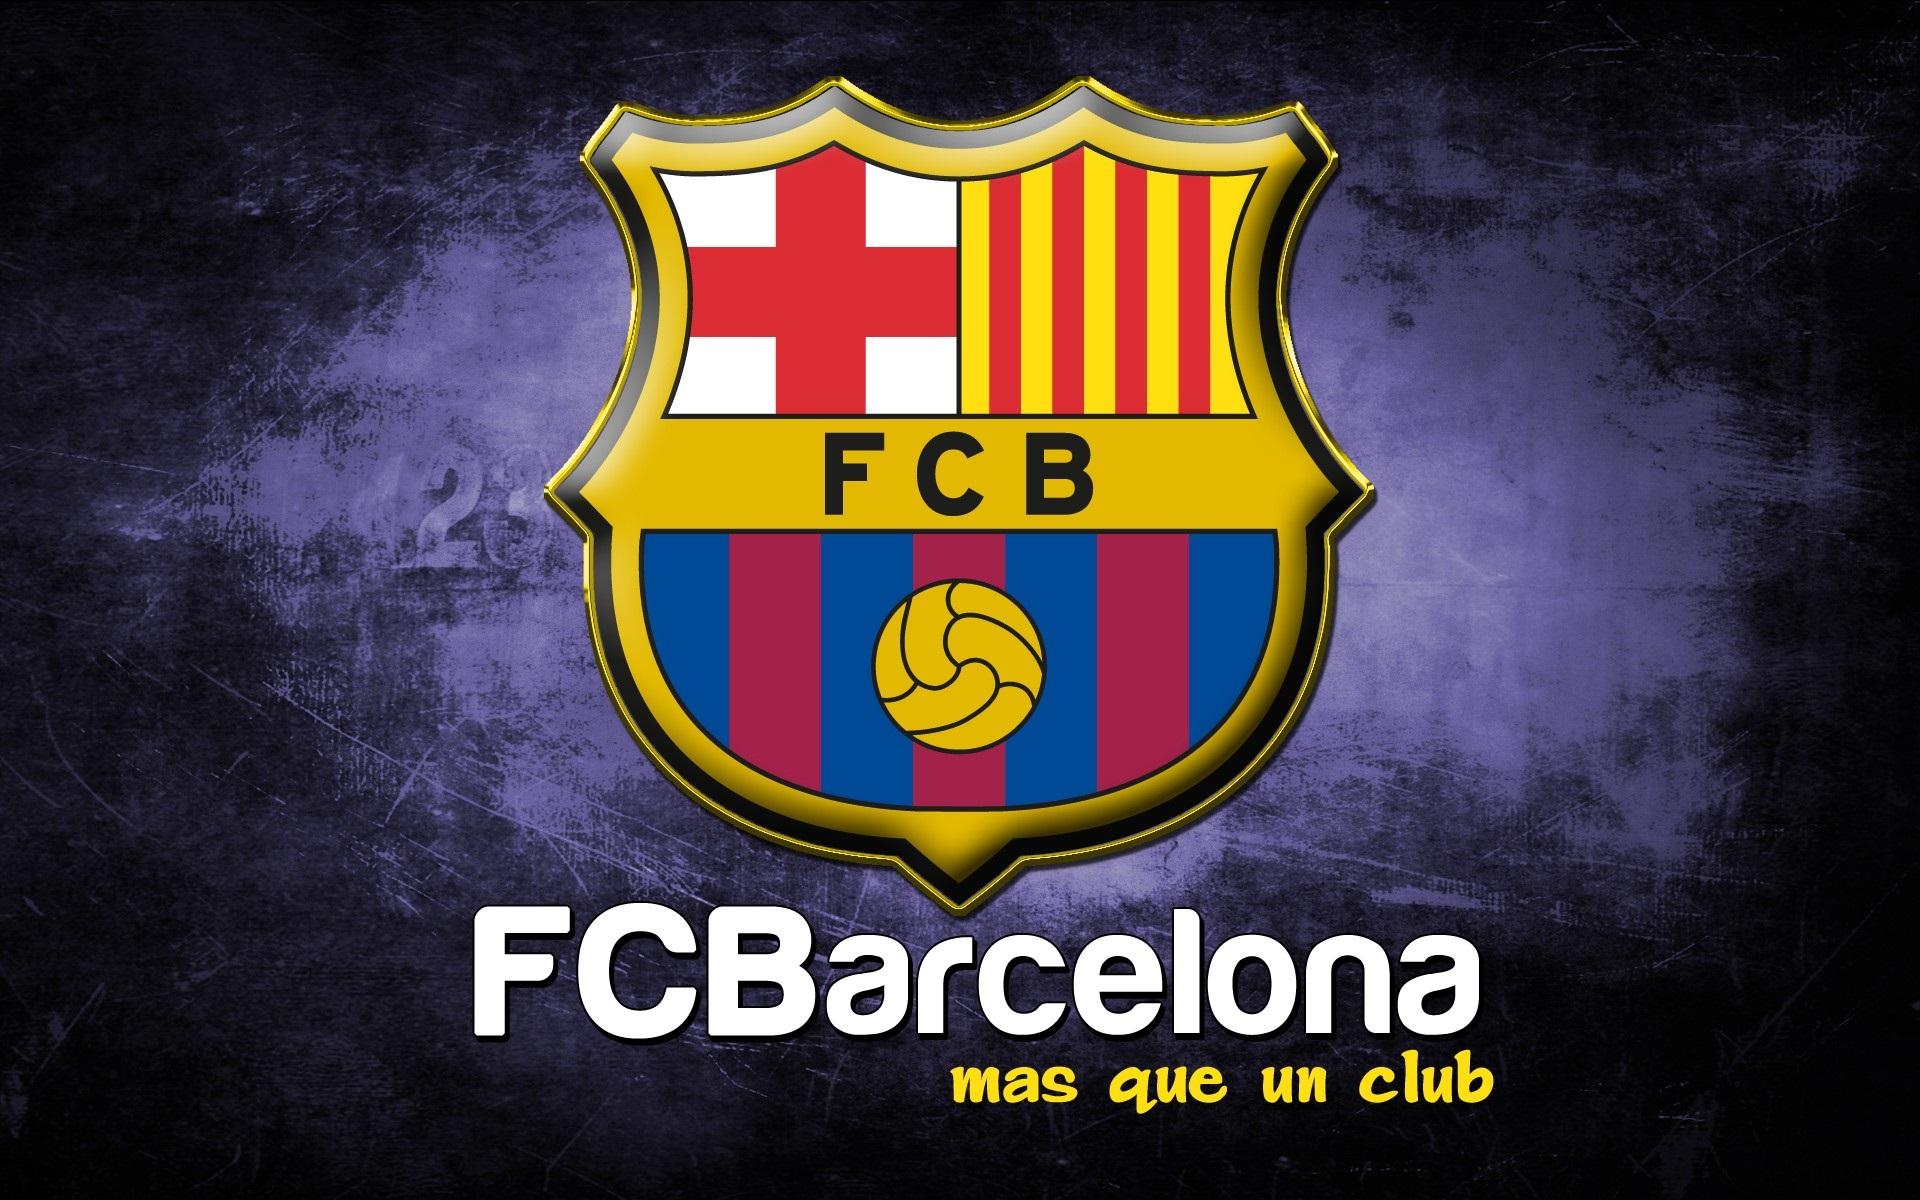 壁紙 Fcバルセロナのロゴ 1920x1200 Hd 無料のデスクトップの背景 画像